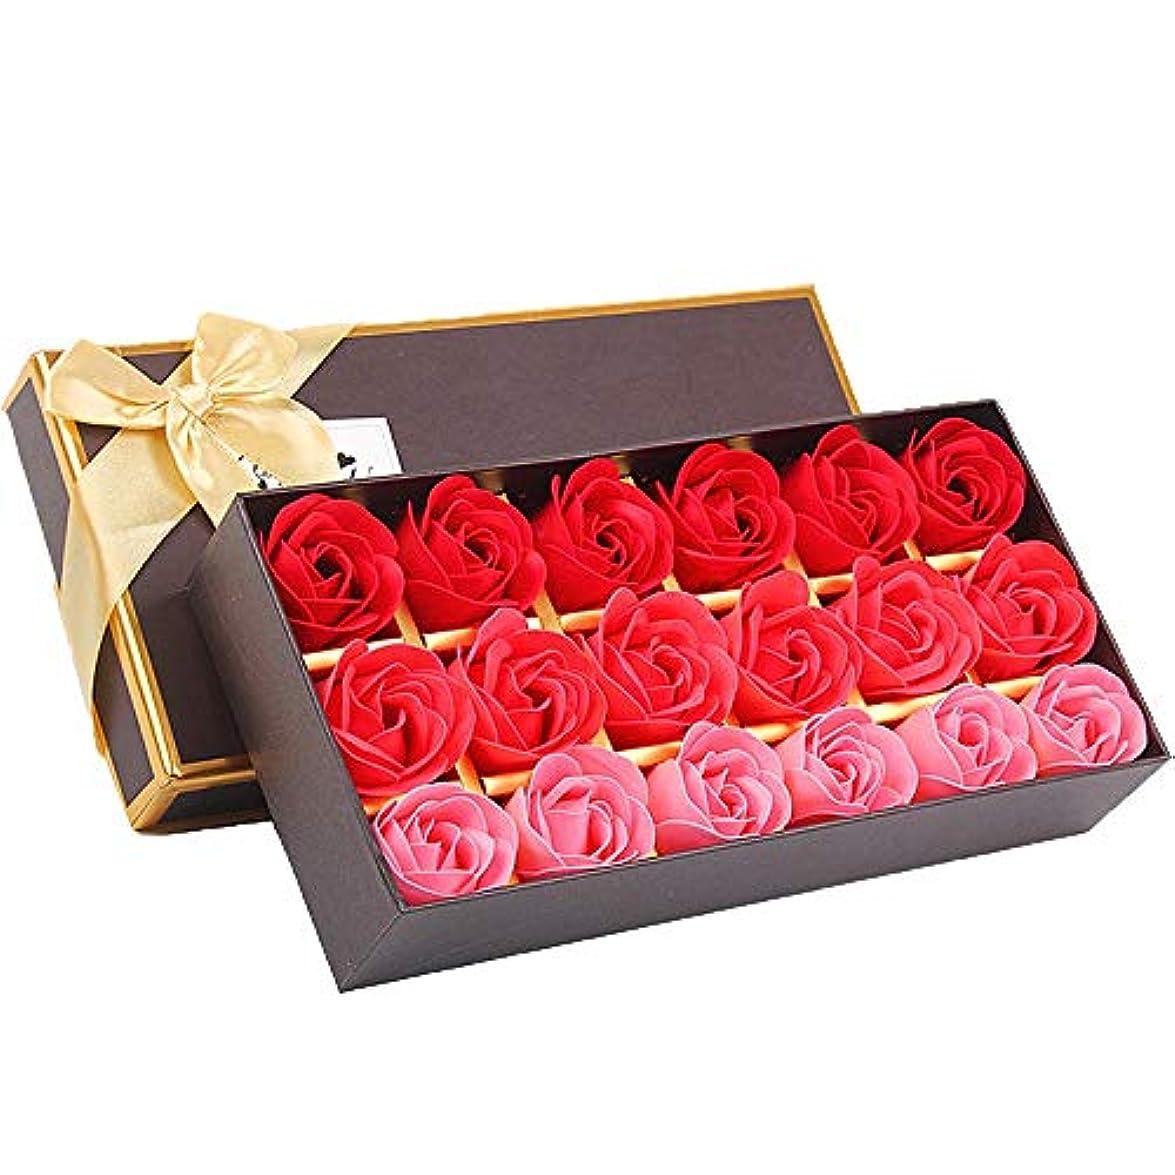 男性医薬タンザニア18個の手作りのローズの香りのバスソープの花びら香りのバスソープは、ギフトボックスの花びらをバラ (色 : 赤)